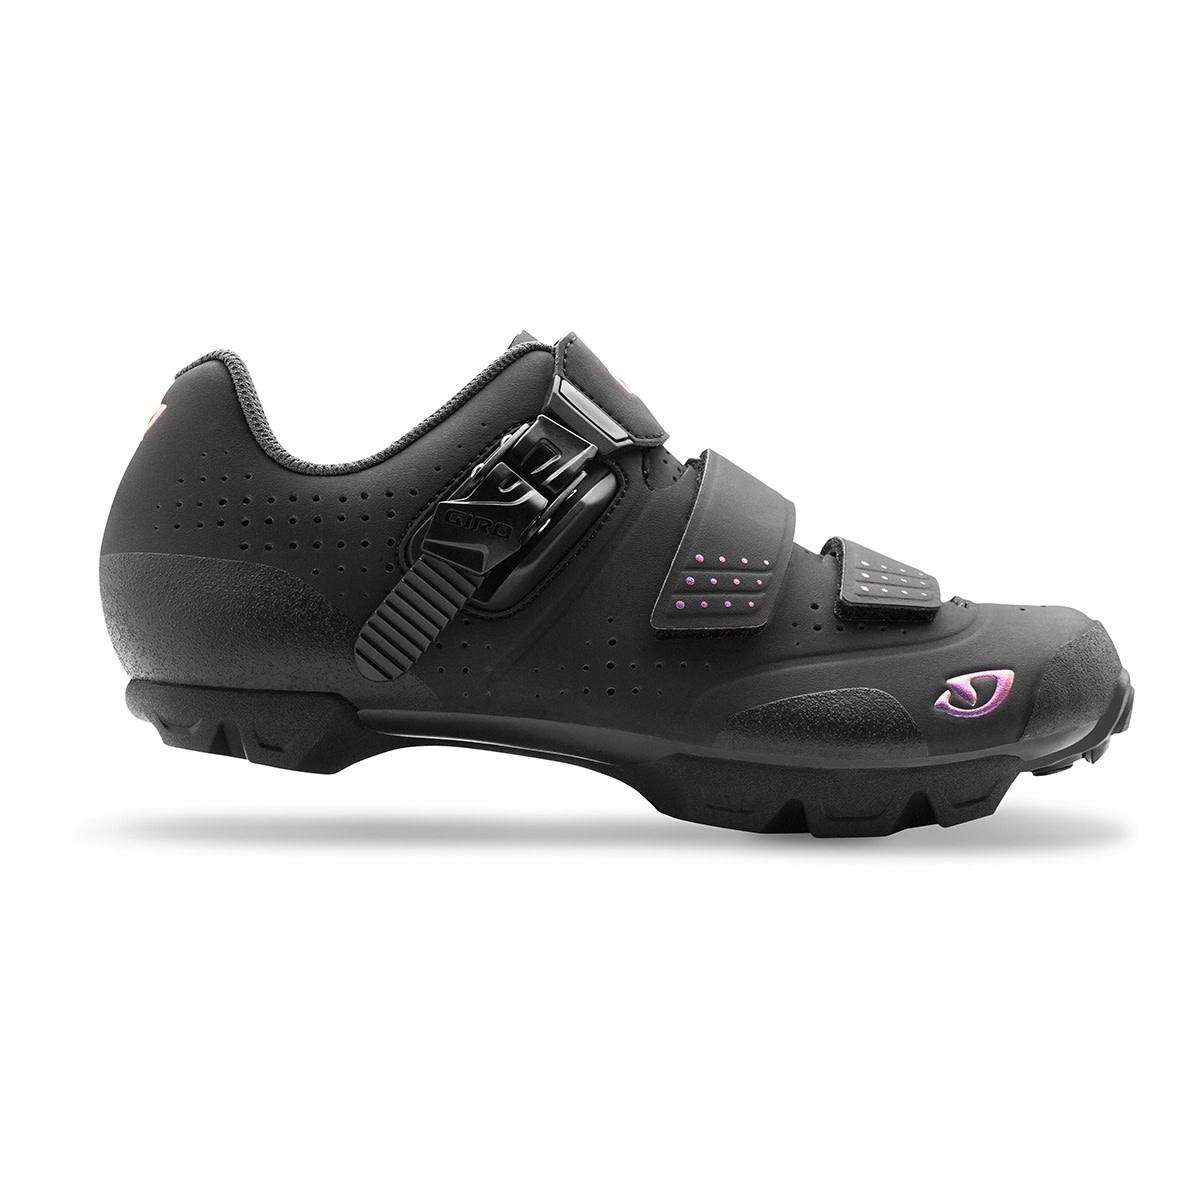 Specialized Giro Manta Mountain Shoe Women's